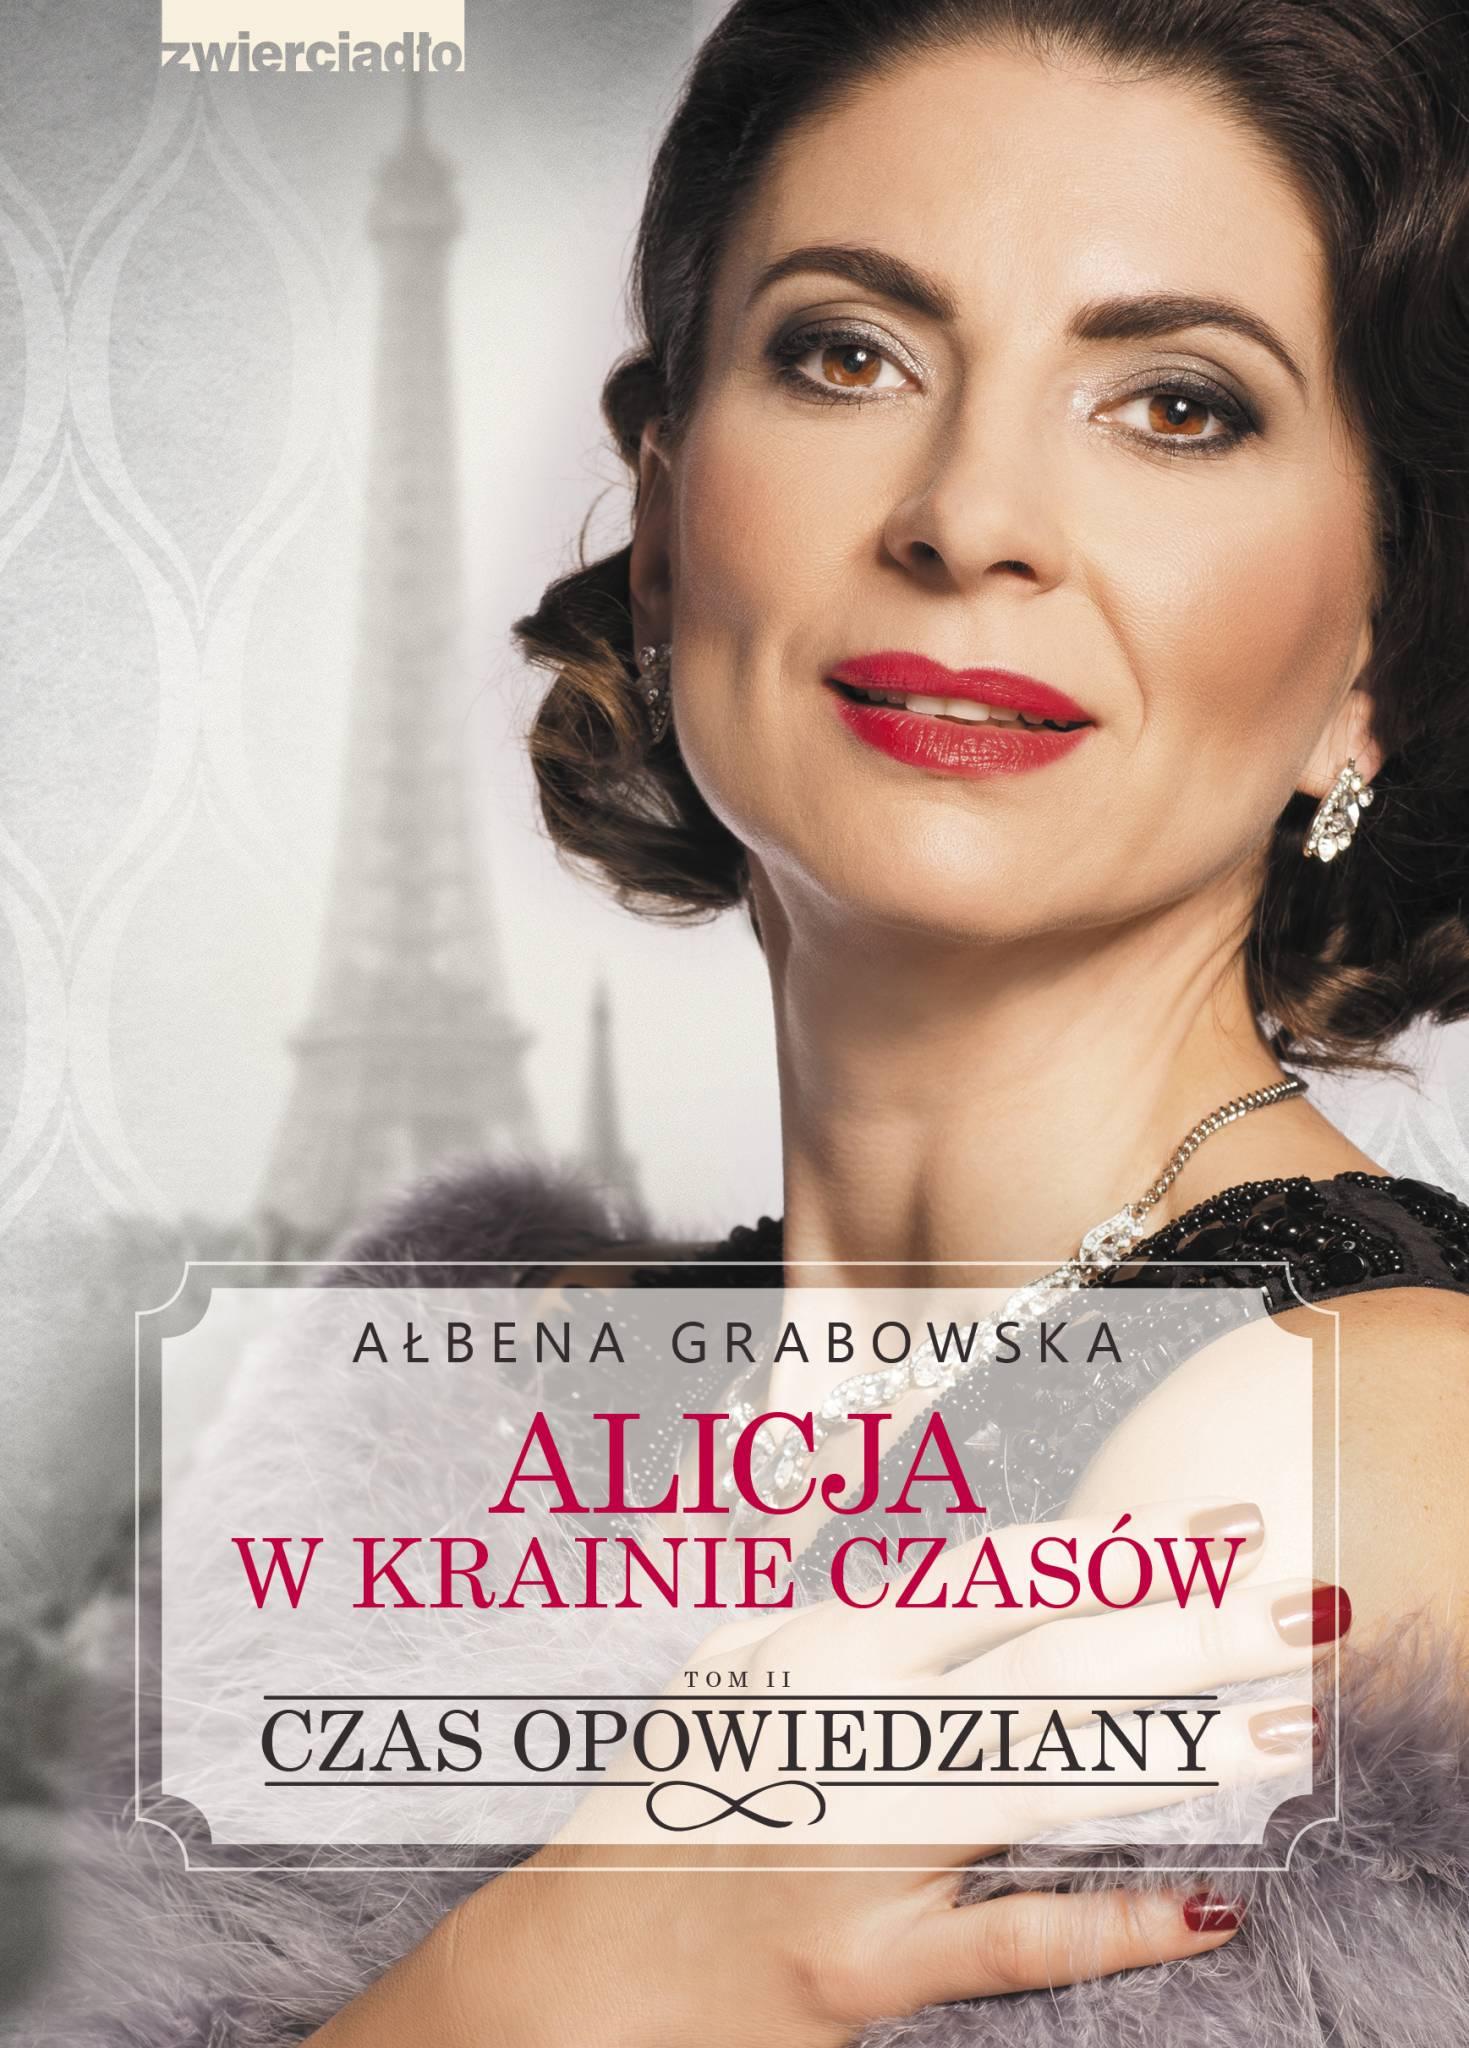 Alicja w krainie czasów tom II. Czas opowiedziany  - Ałbena Grabowska